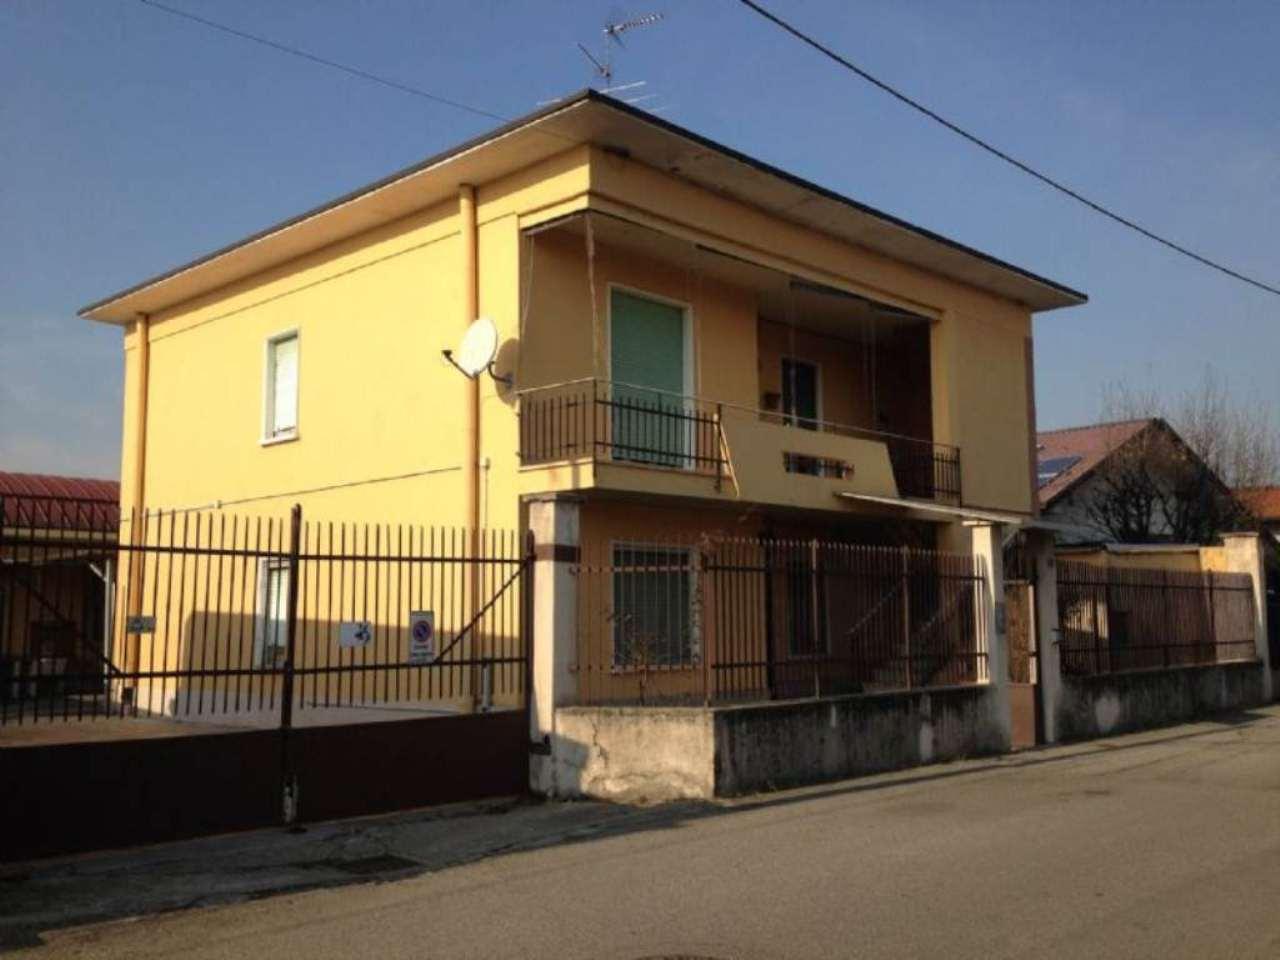 Soluzione Indipendente in vendita a Samarate, 6 locali, prezzo € 195.000 | CambioCasa.it